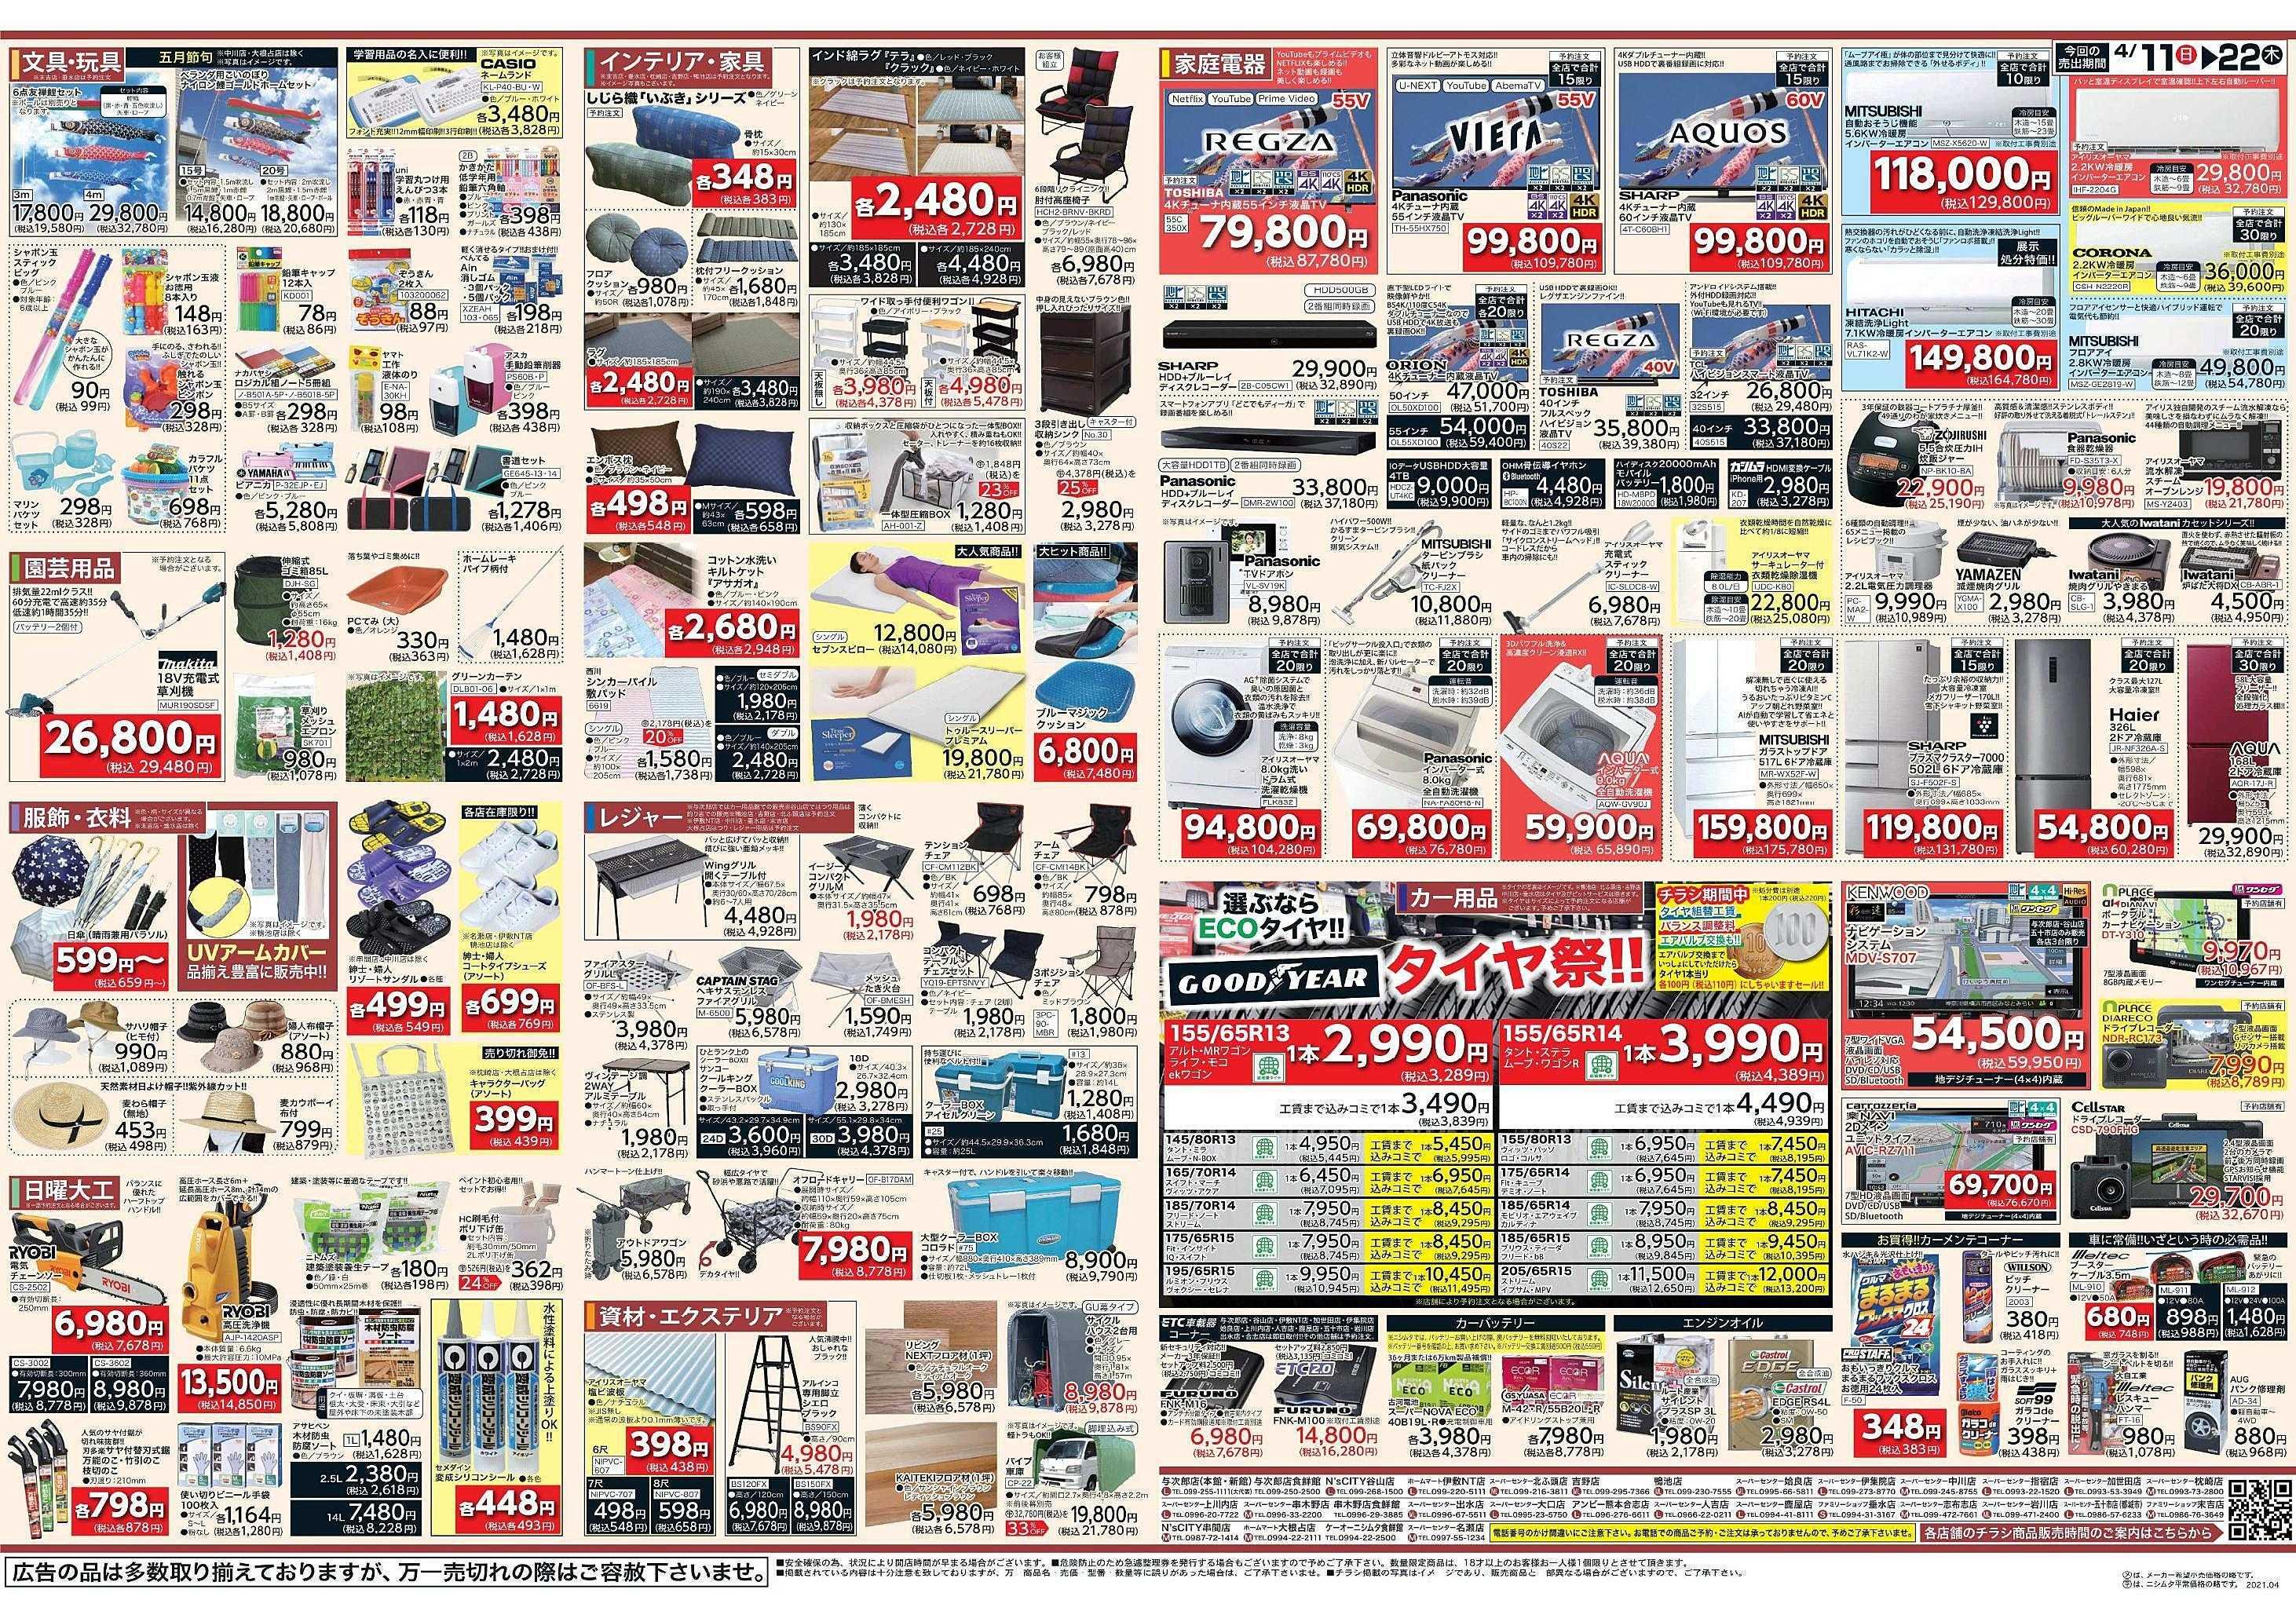 ファミリーショップニシムタ HCお買い得品!